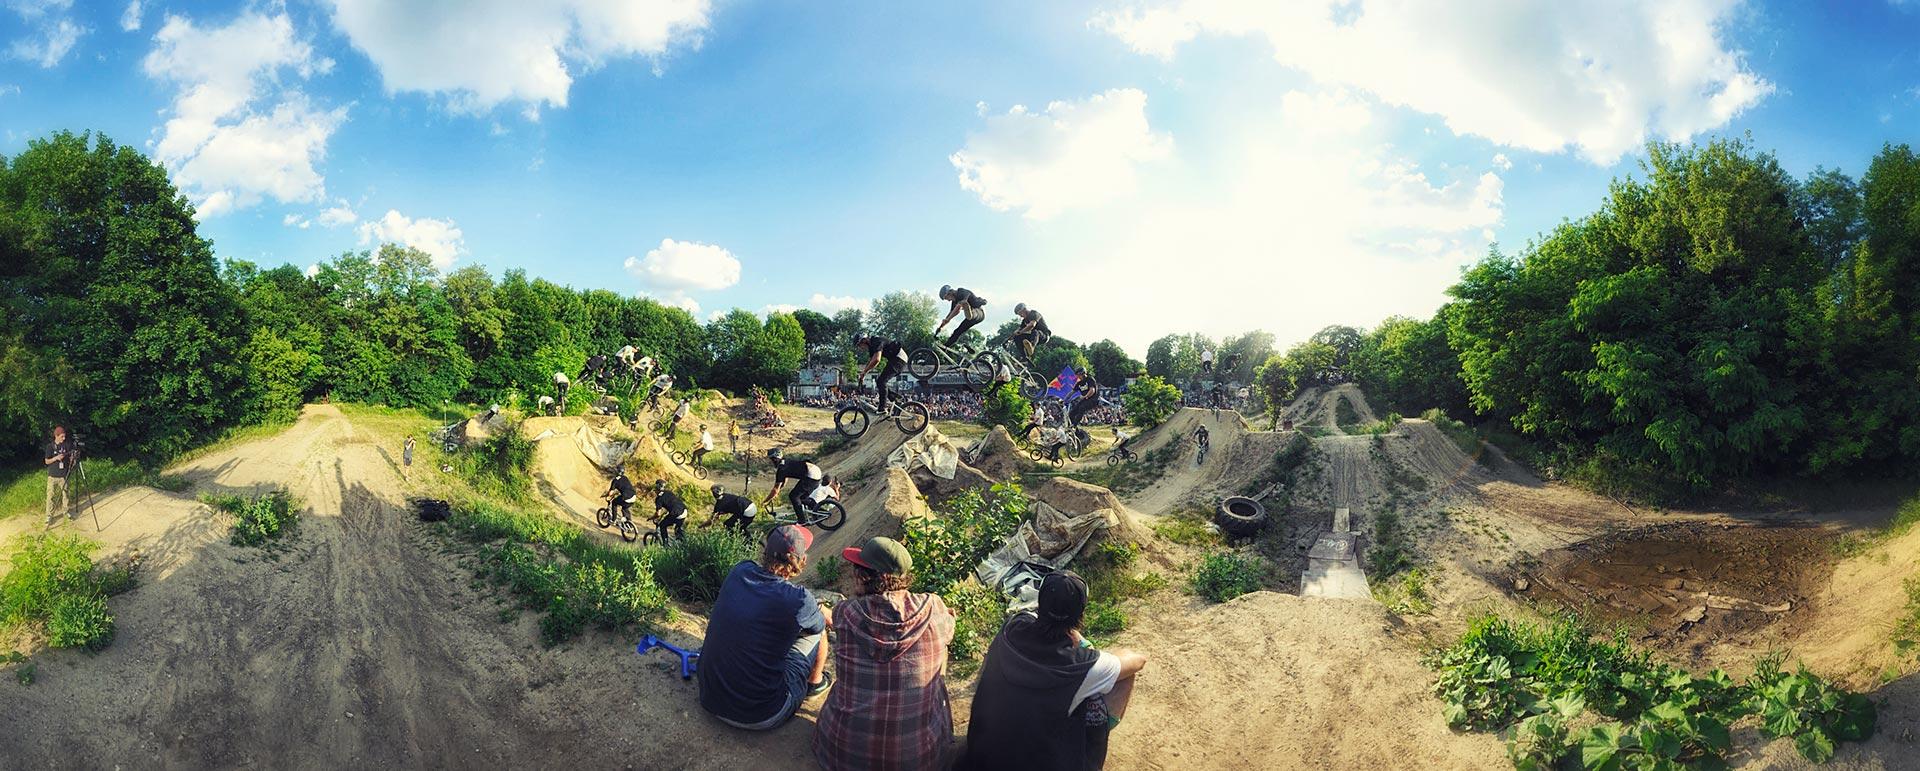 Panorama Foto BMX Action